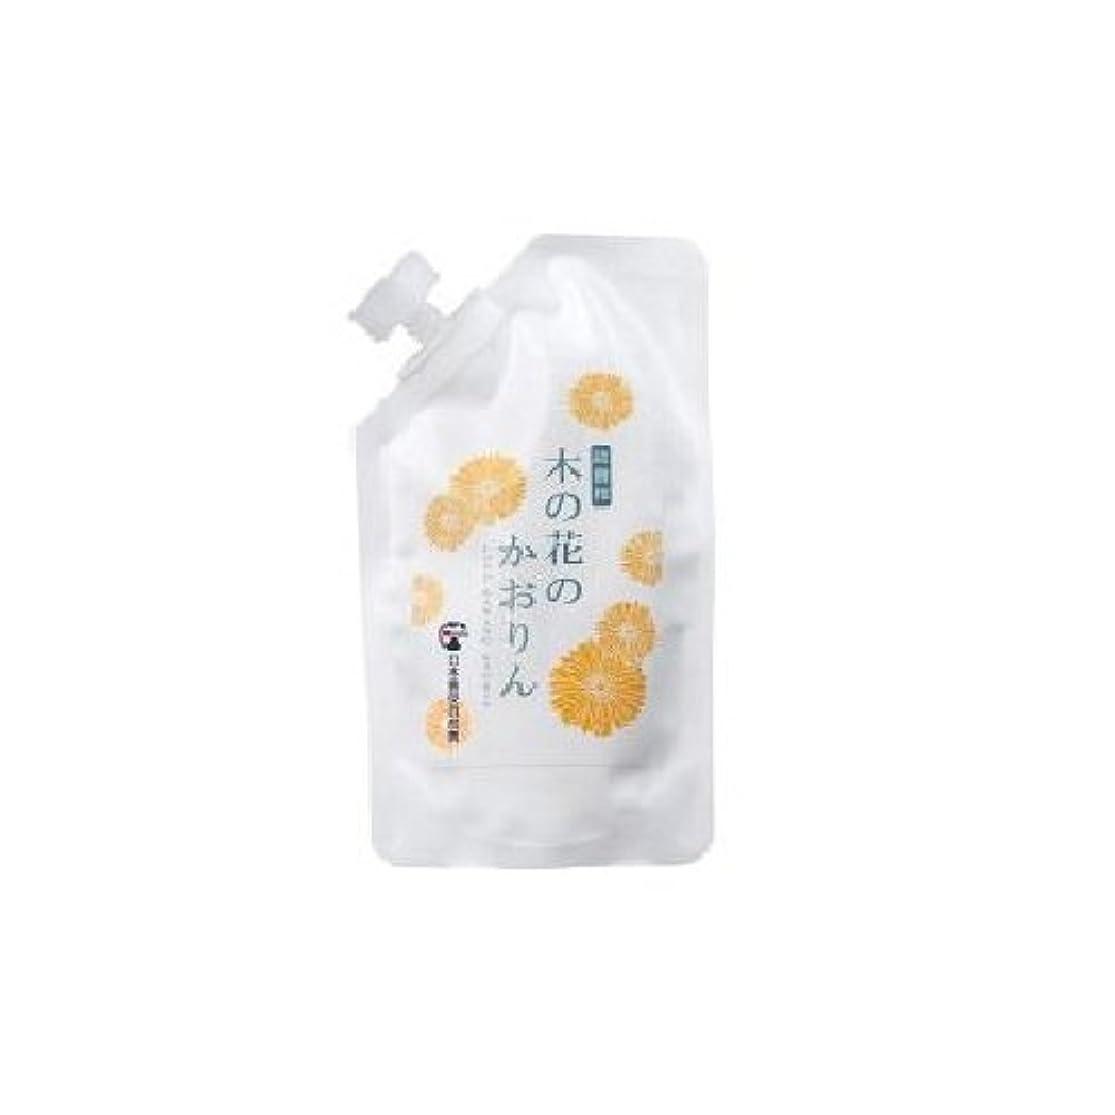 非アクティブ加速する白鳥日本豊受自然農 木の花のかおりん(デオドラント)詰替用 100ml